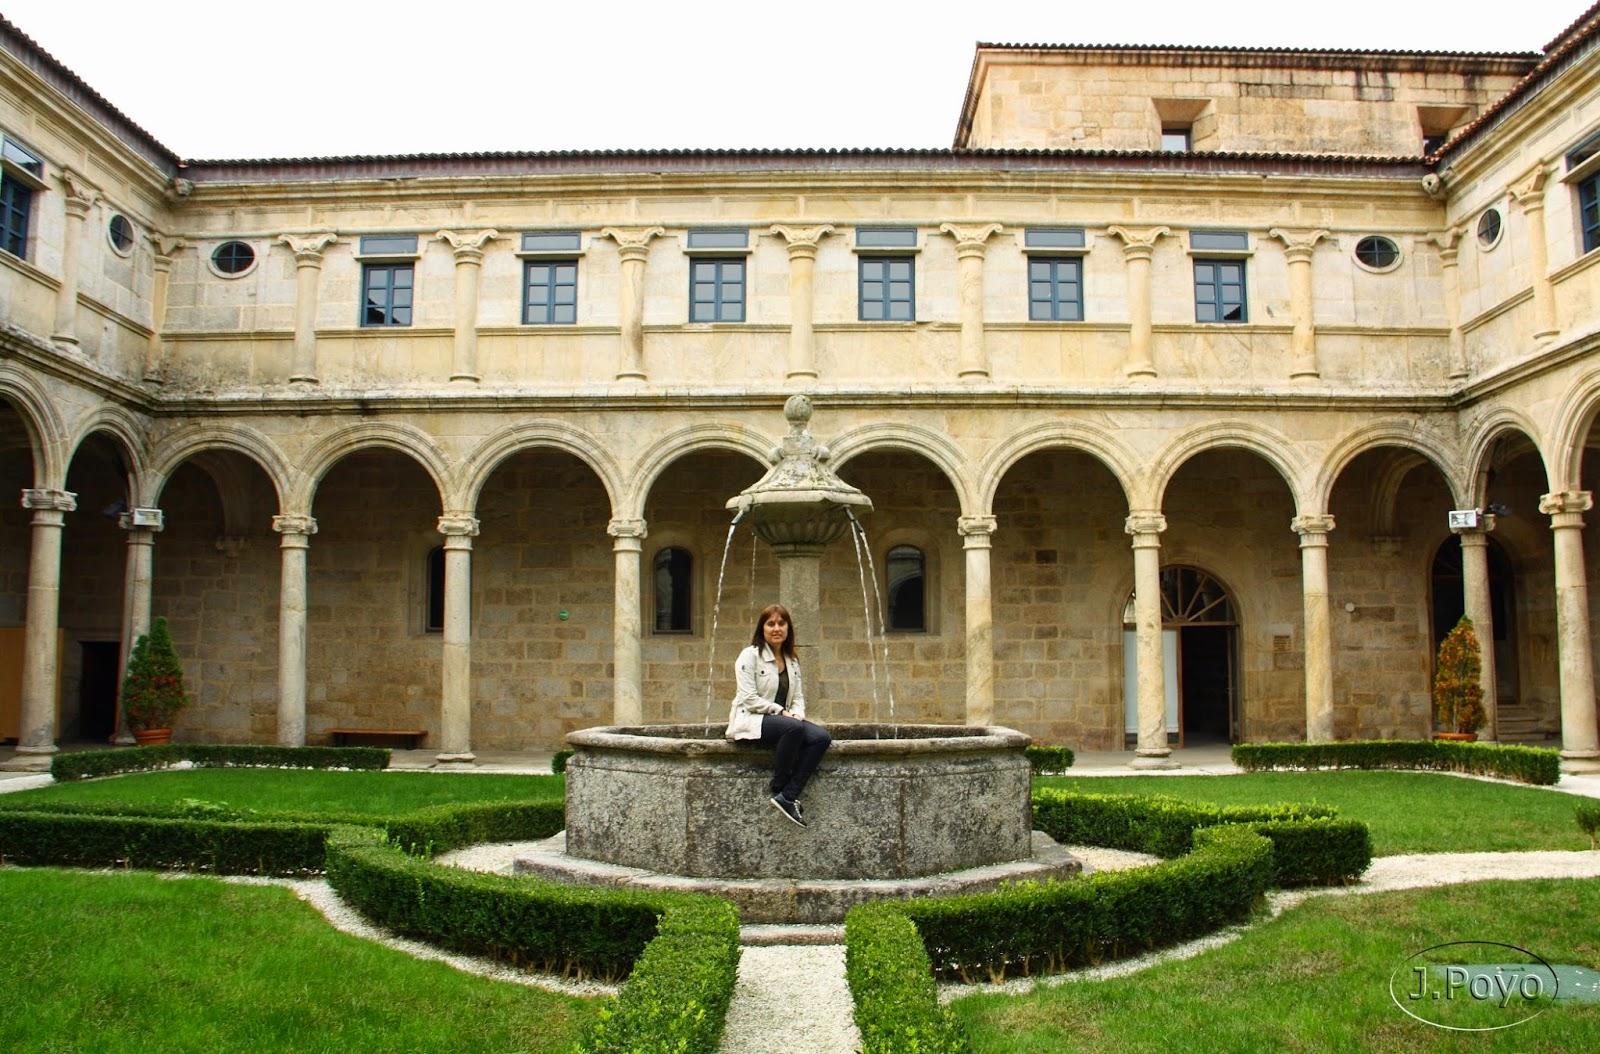 Monasterio de San Clodio, Orense